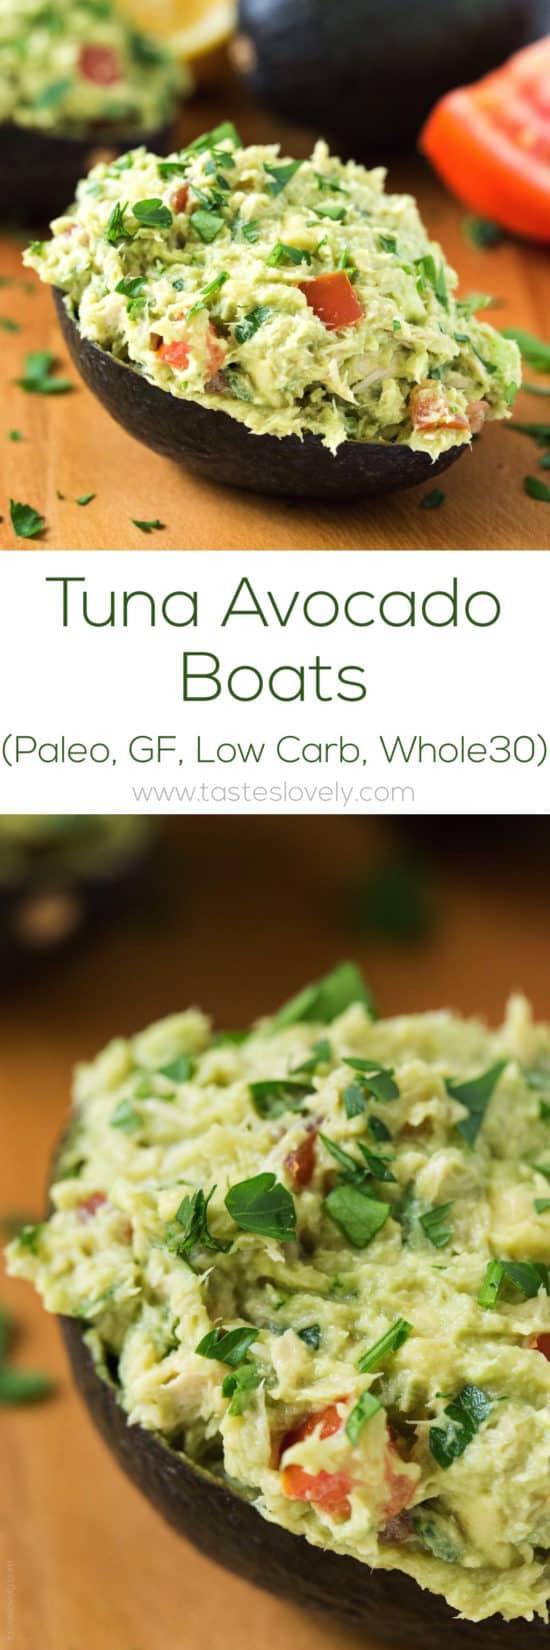 Paleo Tuna Avocado Boats - no mayo, just tuna and avocado! (gluten free, low carb, Whole30)